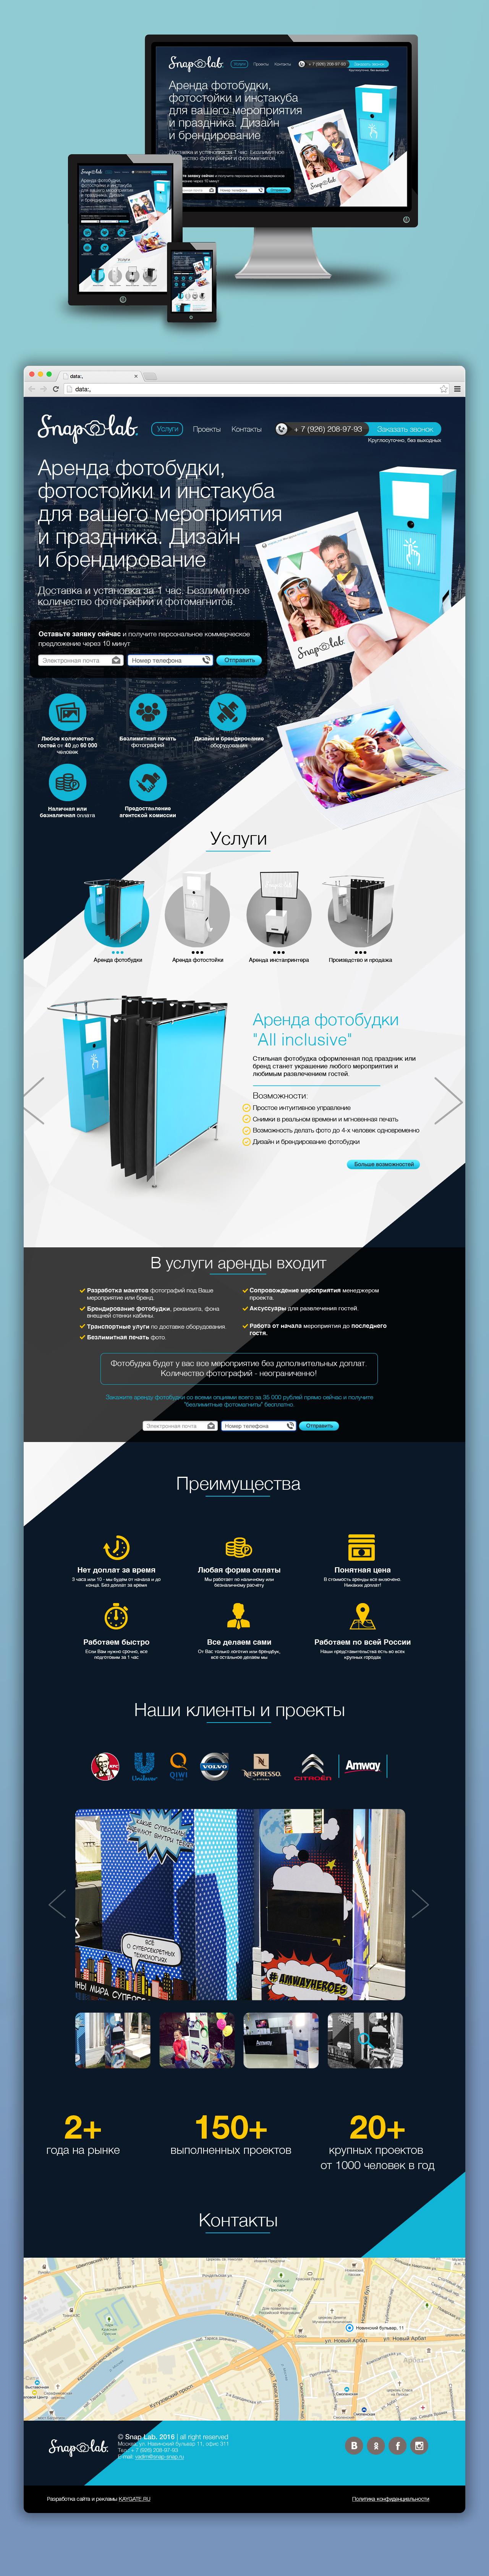 Дизайн Landing Page для компании по сдаче фотобудок в аренду Snap Lab